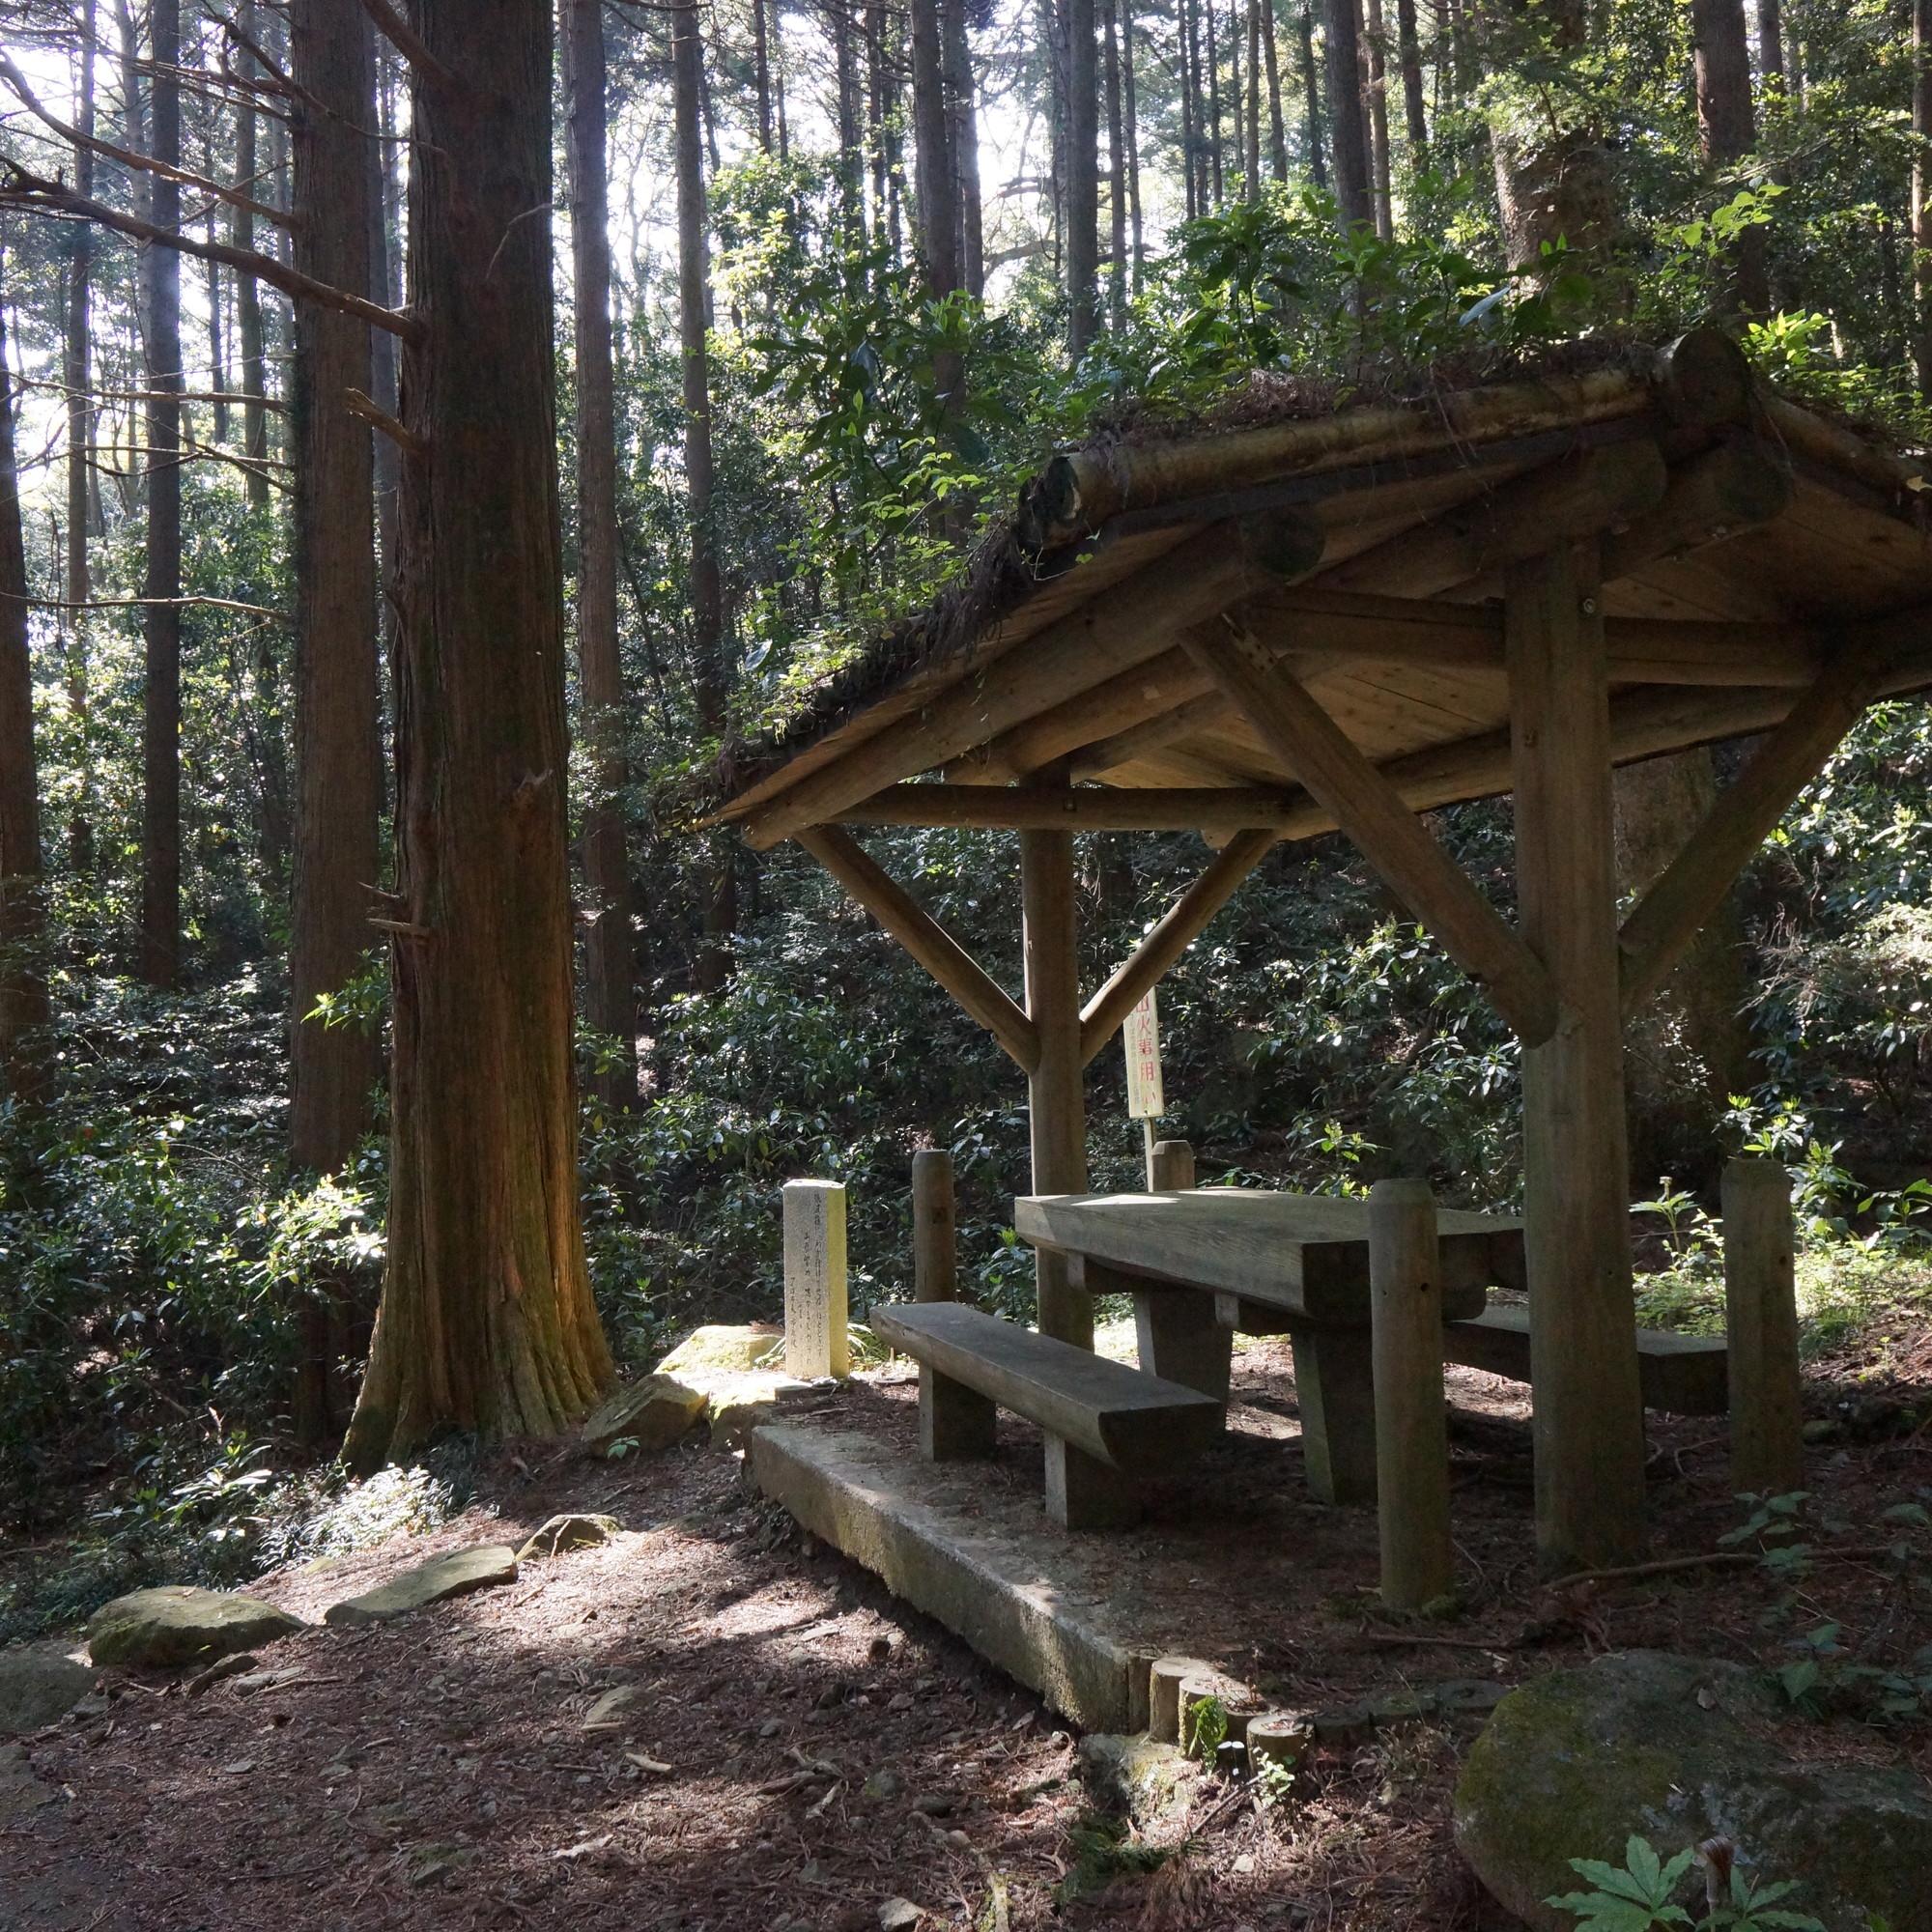 丸太の小屋組みと屋根の草木がアーキテクチャ